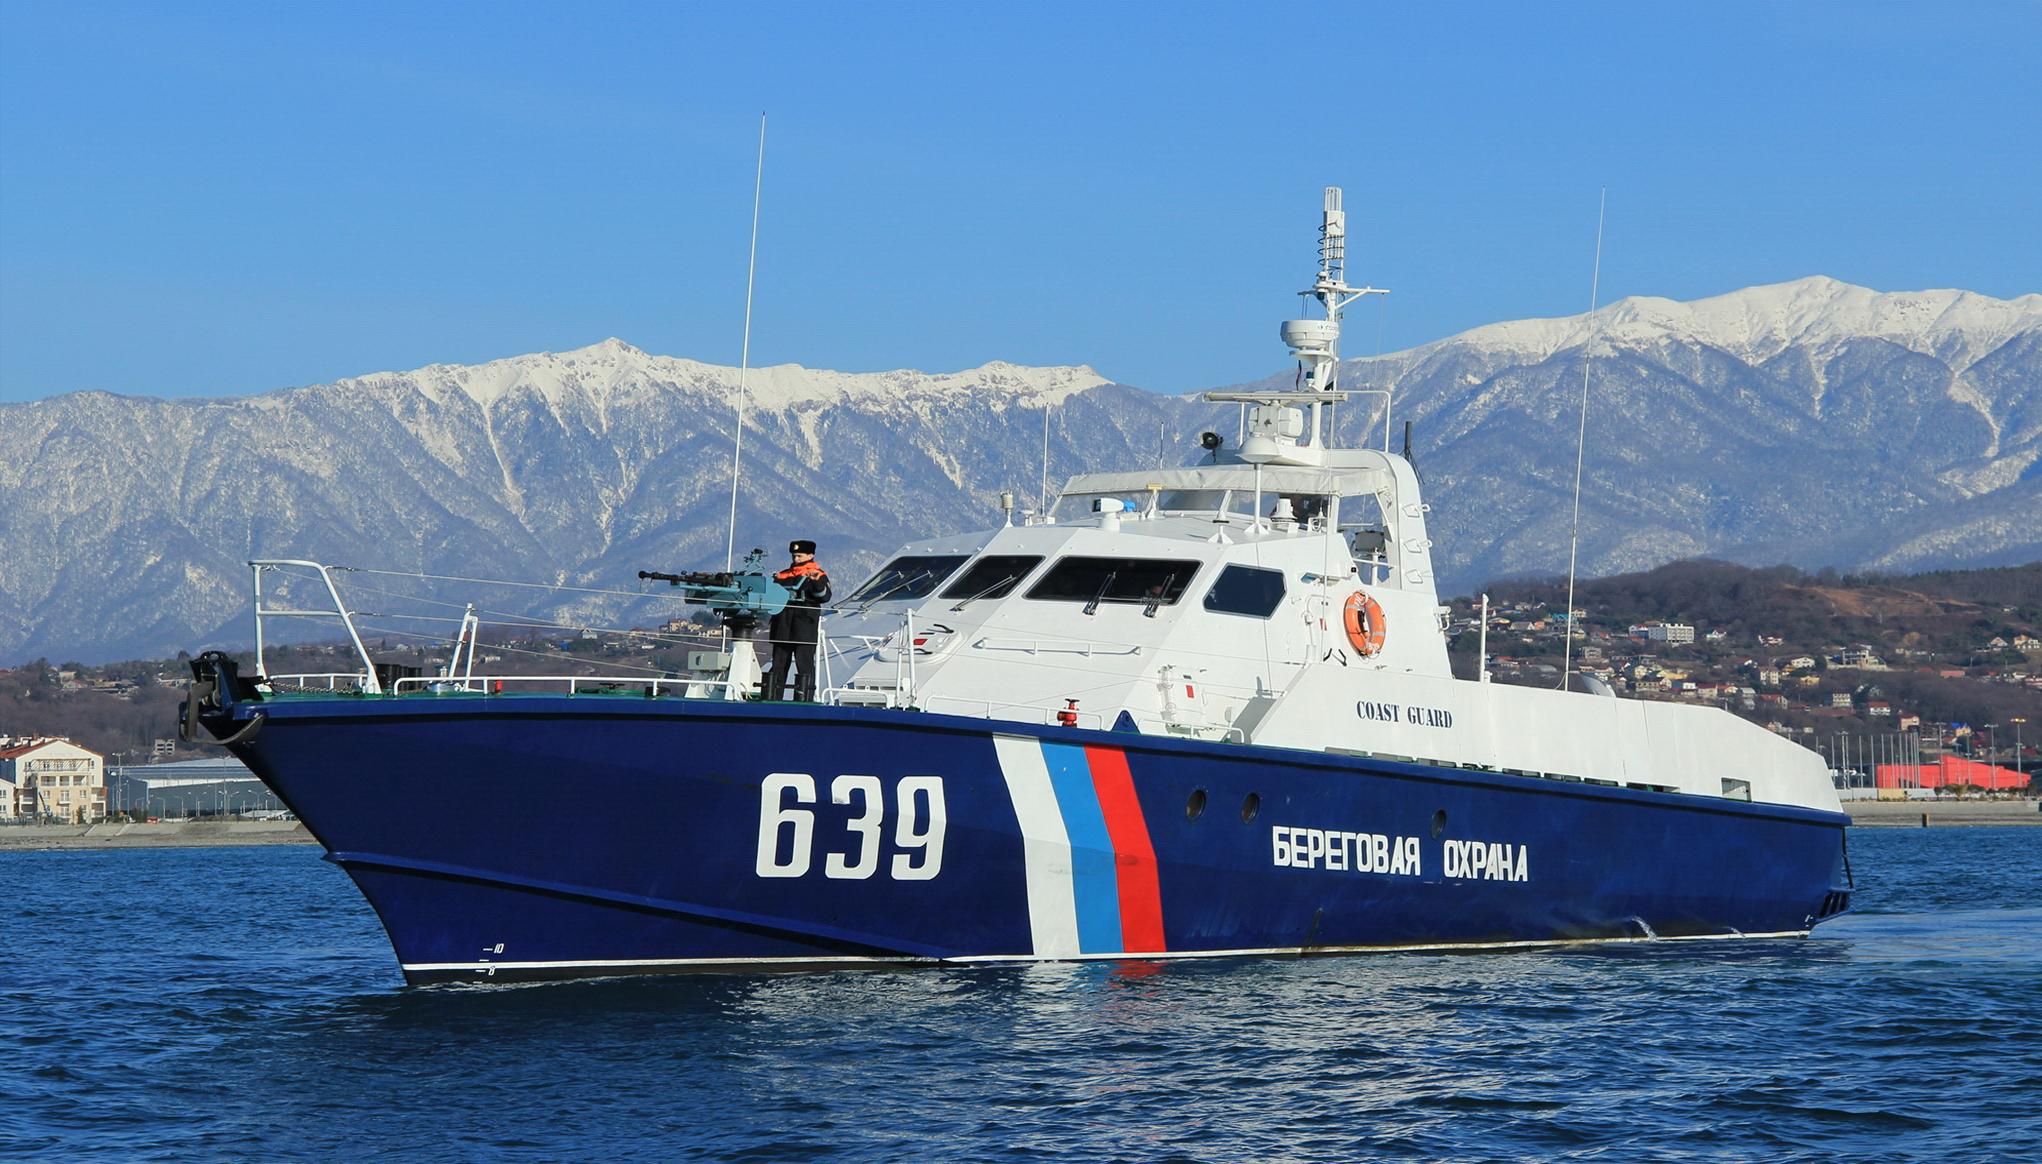 Береговая охрана корабль картинки